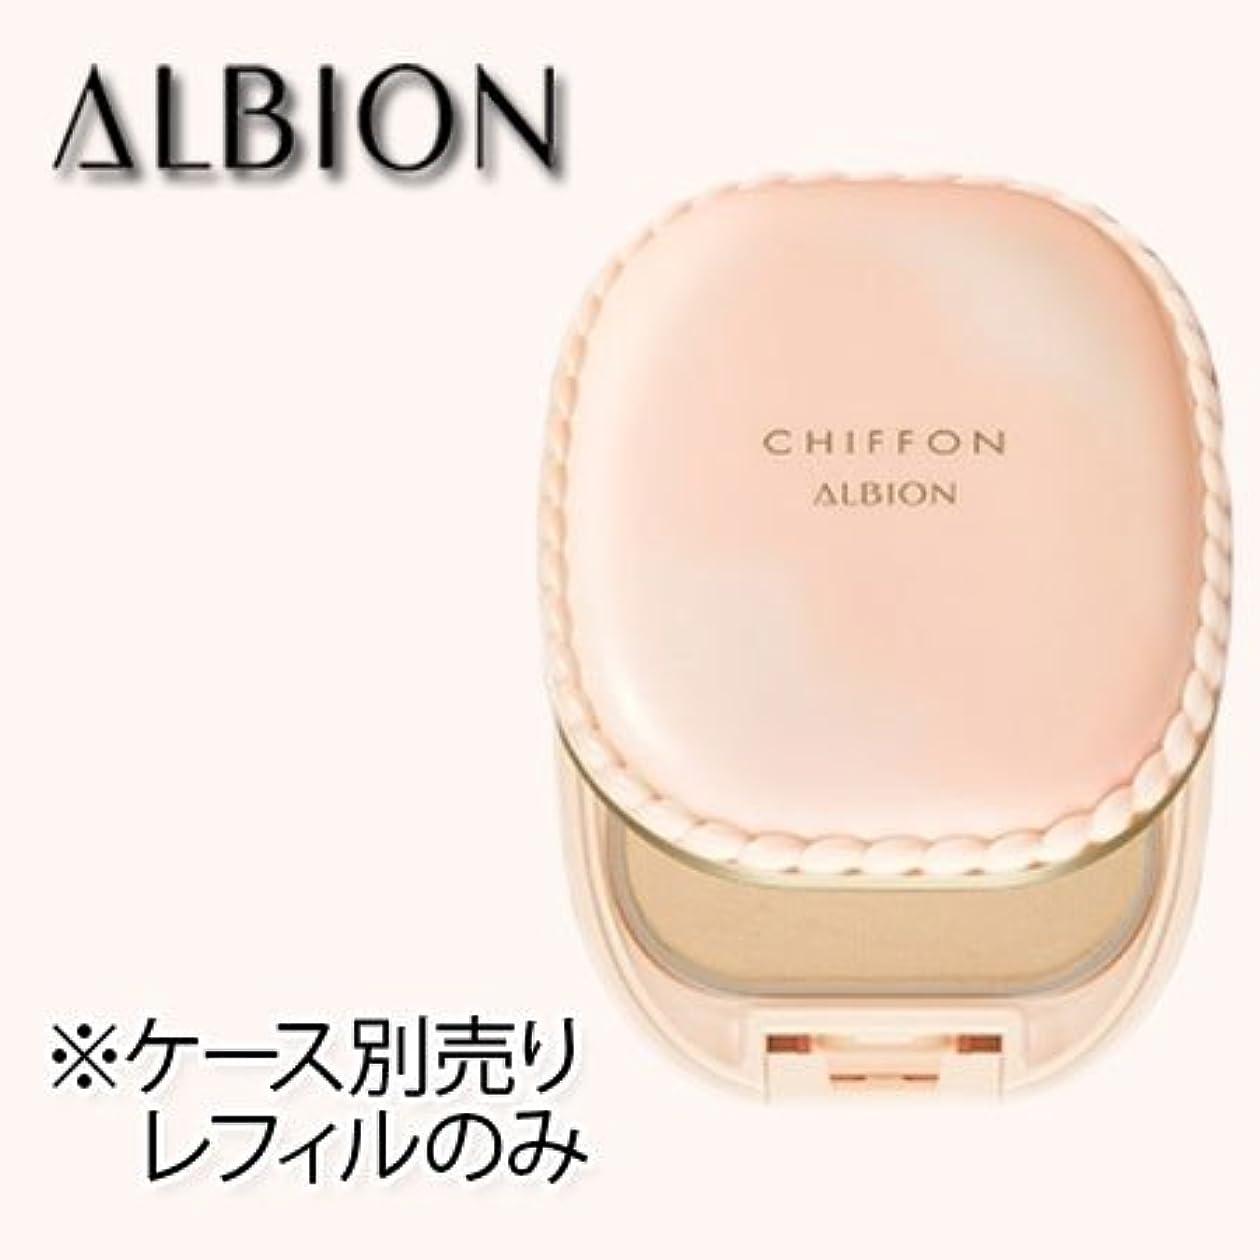 証明後退するルートアルビオン スウィート モイスチュア シフォン (レフィル) 10g 6色 SPF22 PA++-ALBION- 050